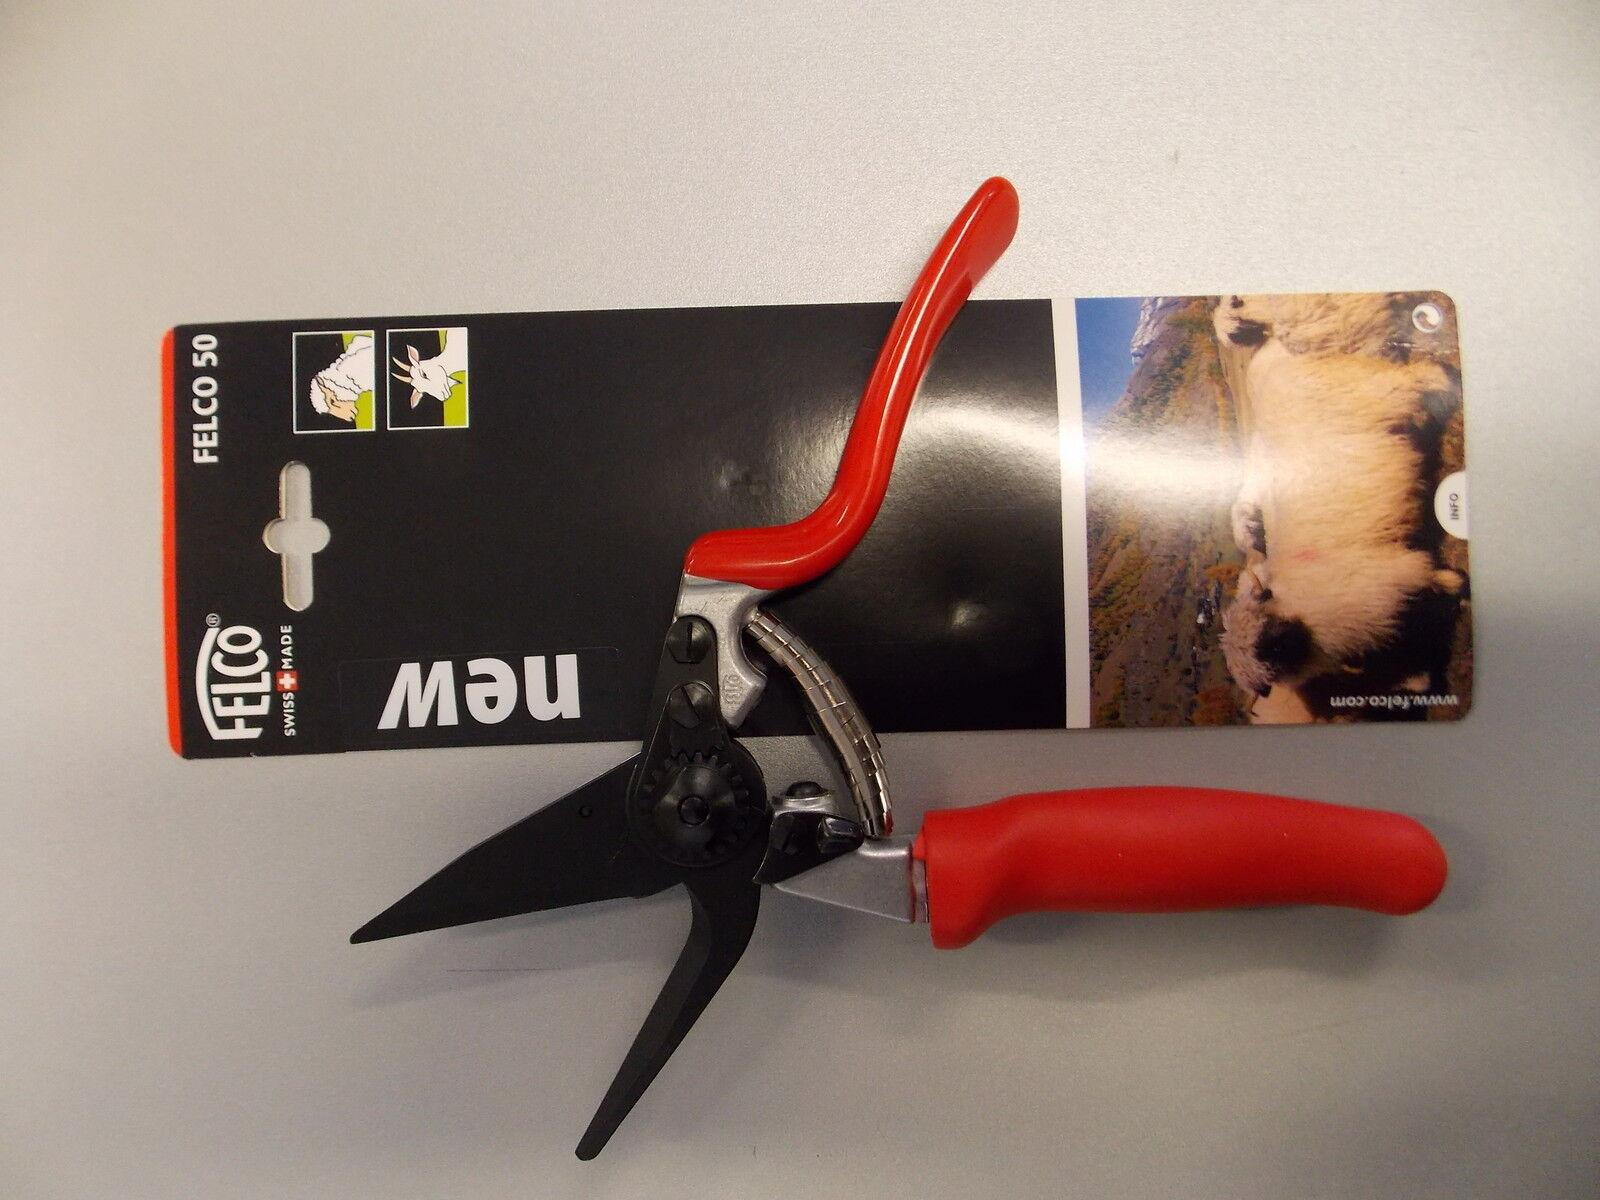 FELCO 50 Profi Klauenschere Klauenschere Klauenschere Hufschere mit Rollgriff für blasenfreies Schneiden | Hervorragende Eigenschaften  | Bekannt für seine hervorragende Qualität  | Moderate Kosten  38c4cb